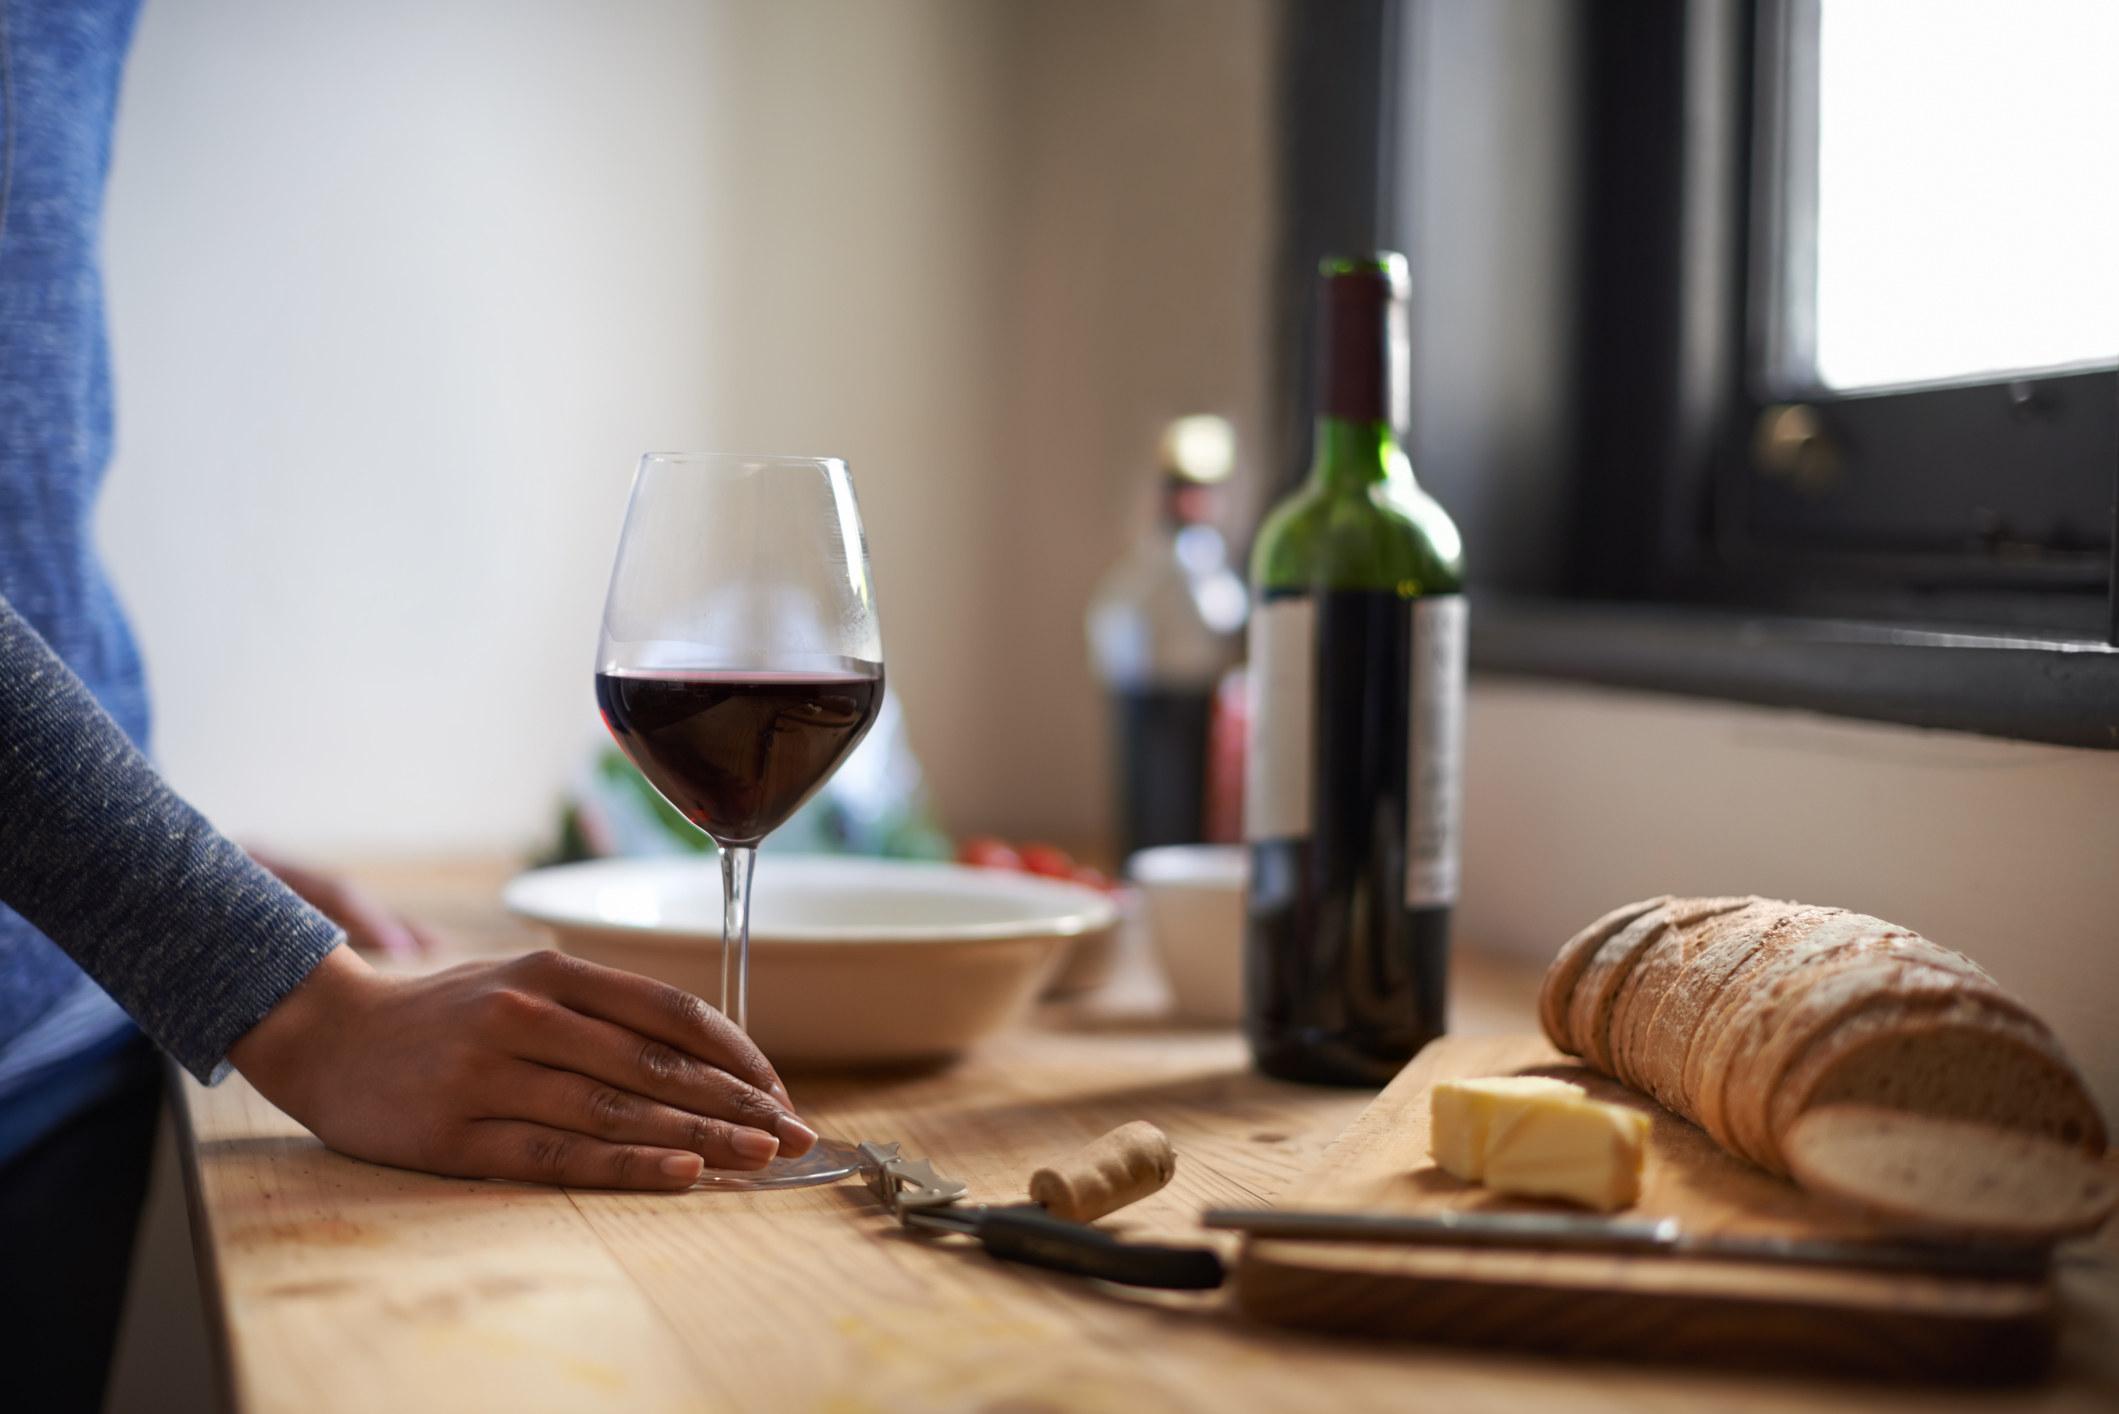 glass on wine